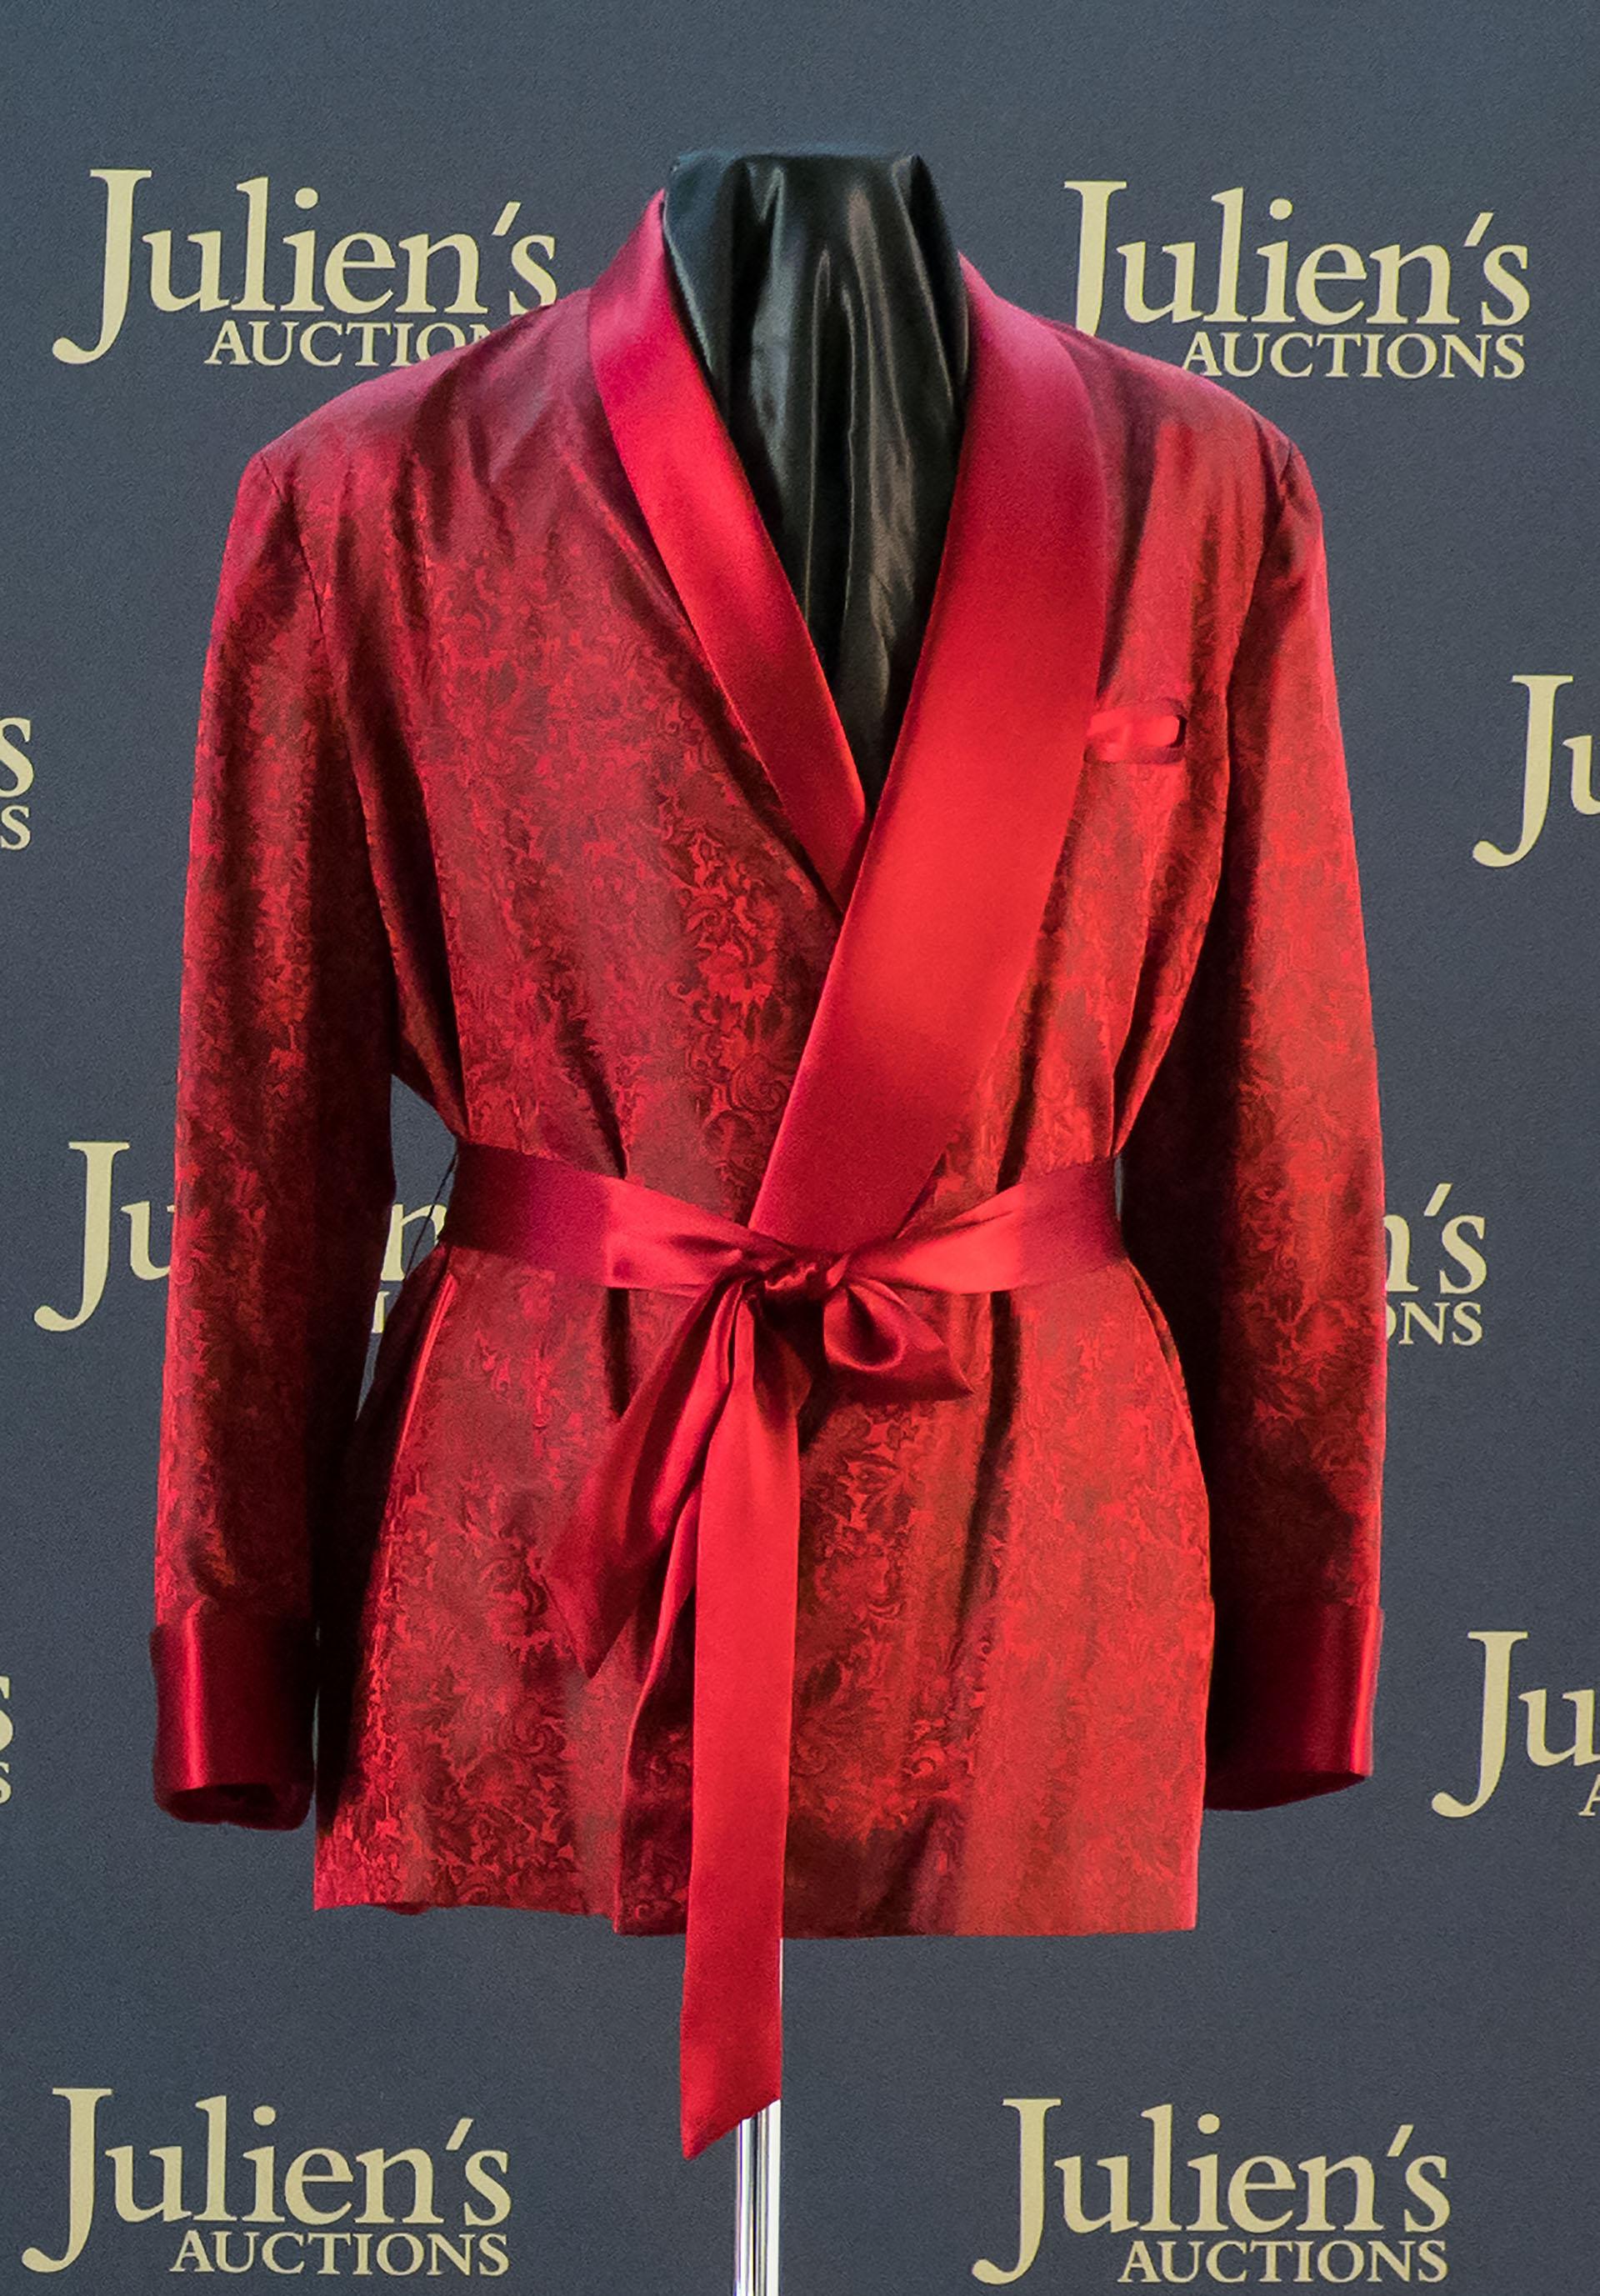 Una de sus batas en seda roja fue vendida por 41.600 dólares